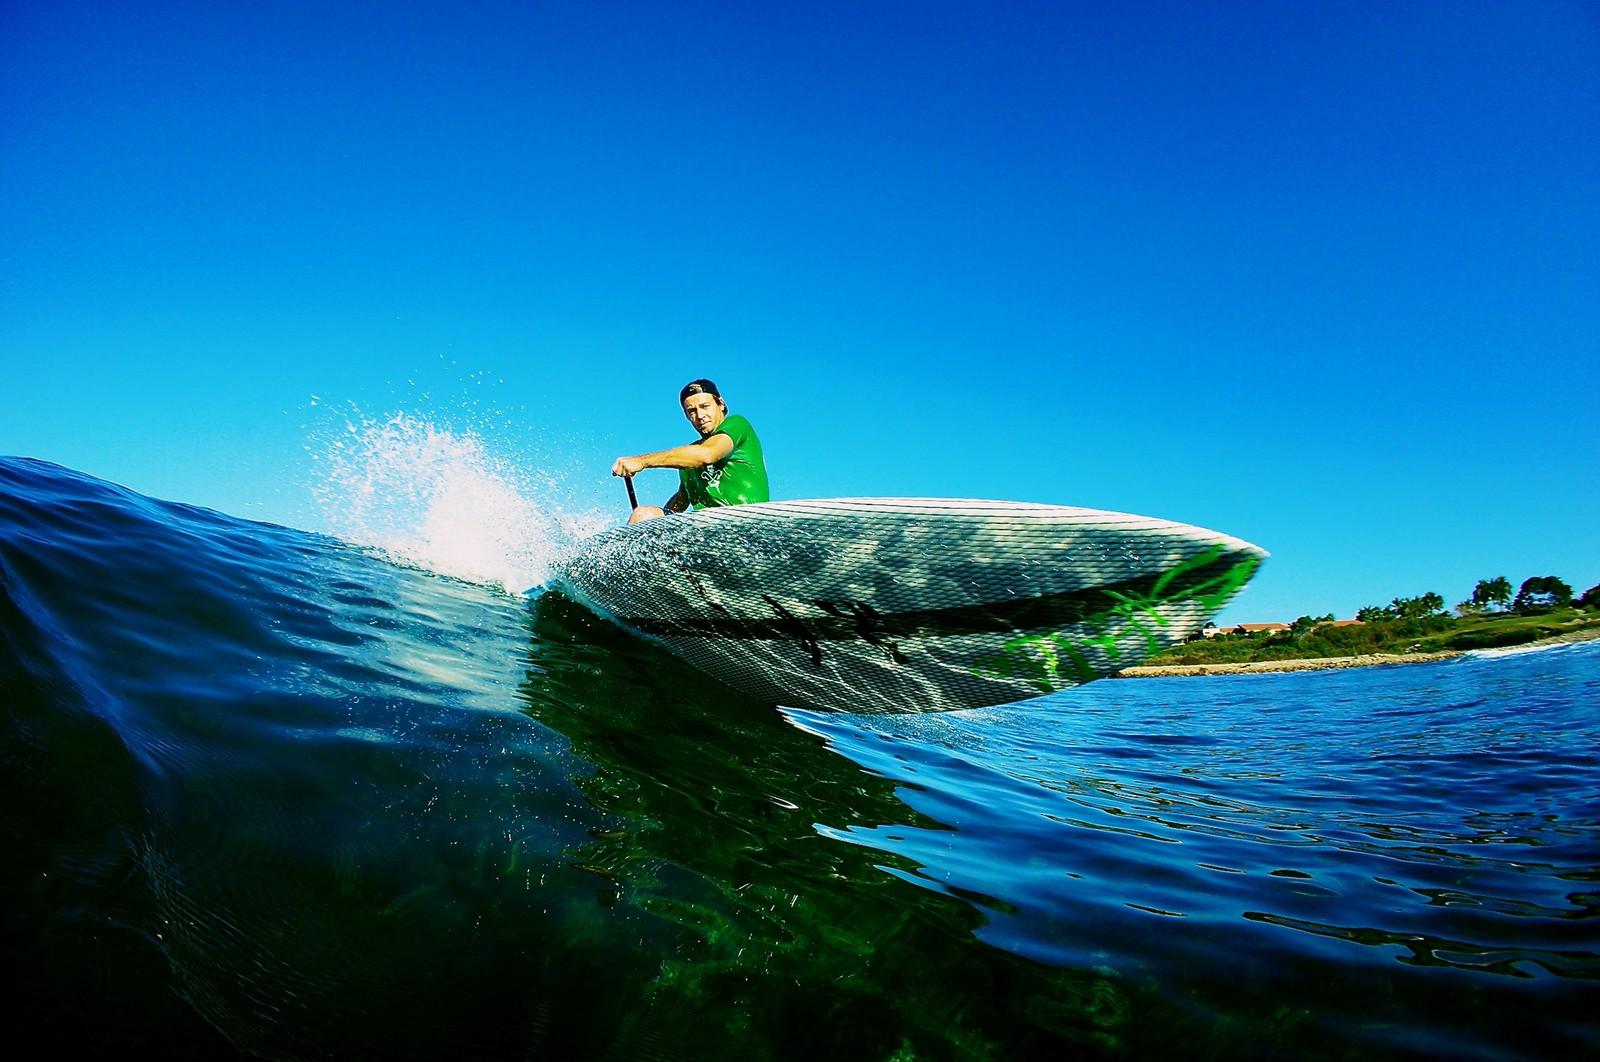 2016 Hobie SUP - CM Pro - Action - Surf